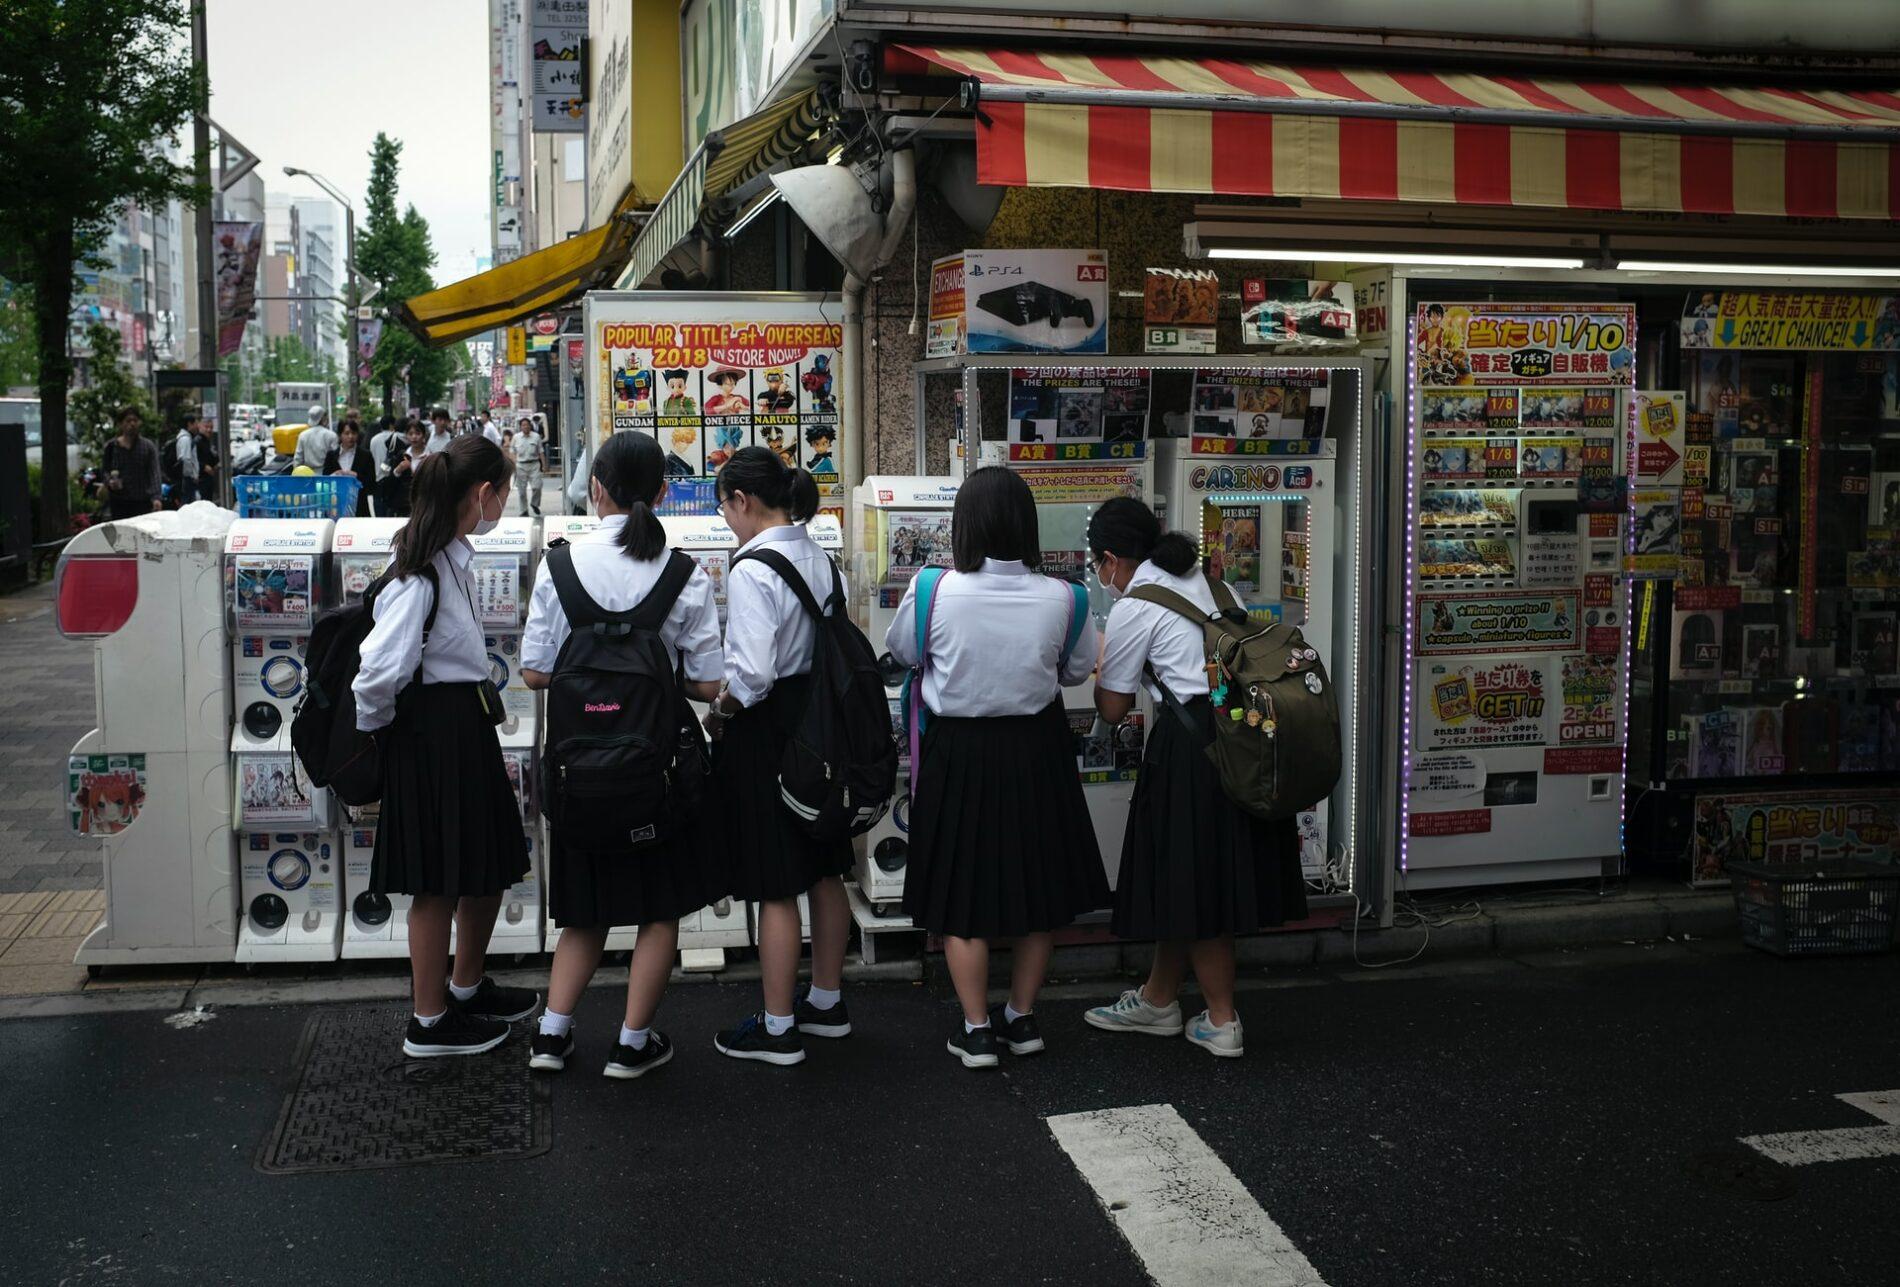 Junge Mädchen stehen nach der Schule an einigen Gashapon-Automaten in Akihabara. (Foto: Hakan Nural auf Unsplash https://unsplash.com/photos/8l8gQsG4c-E)